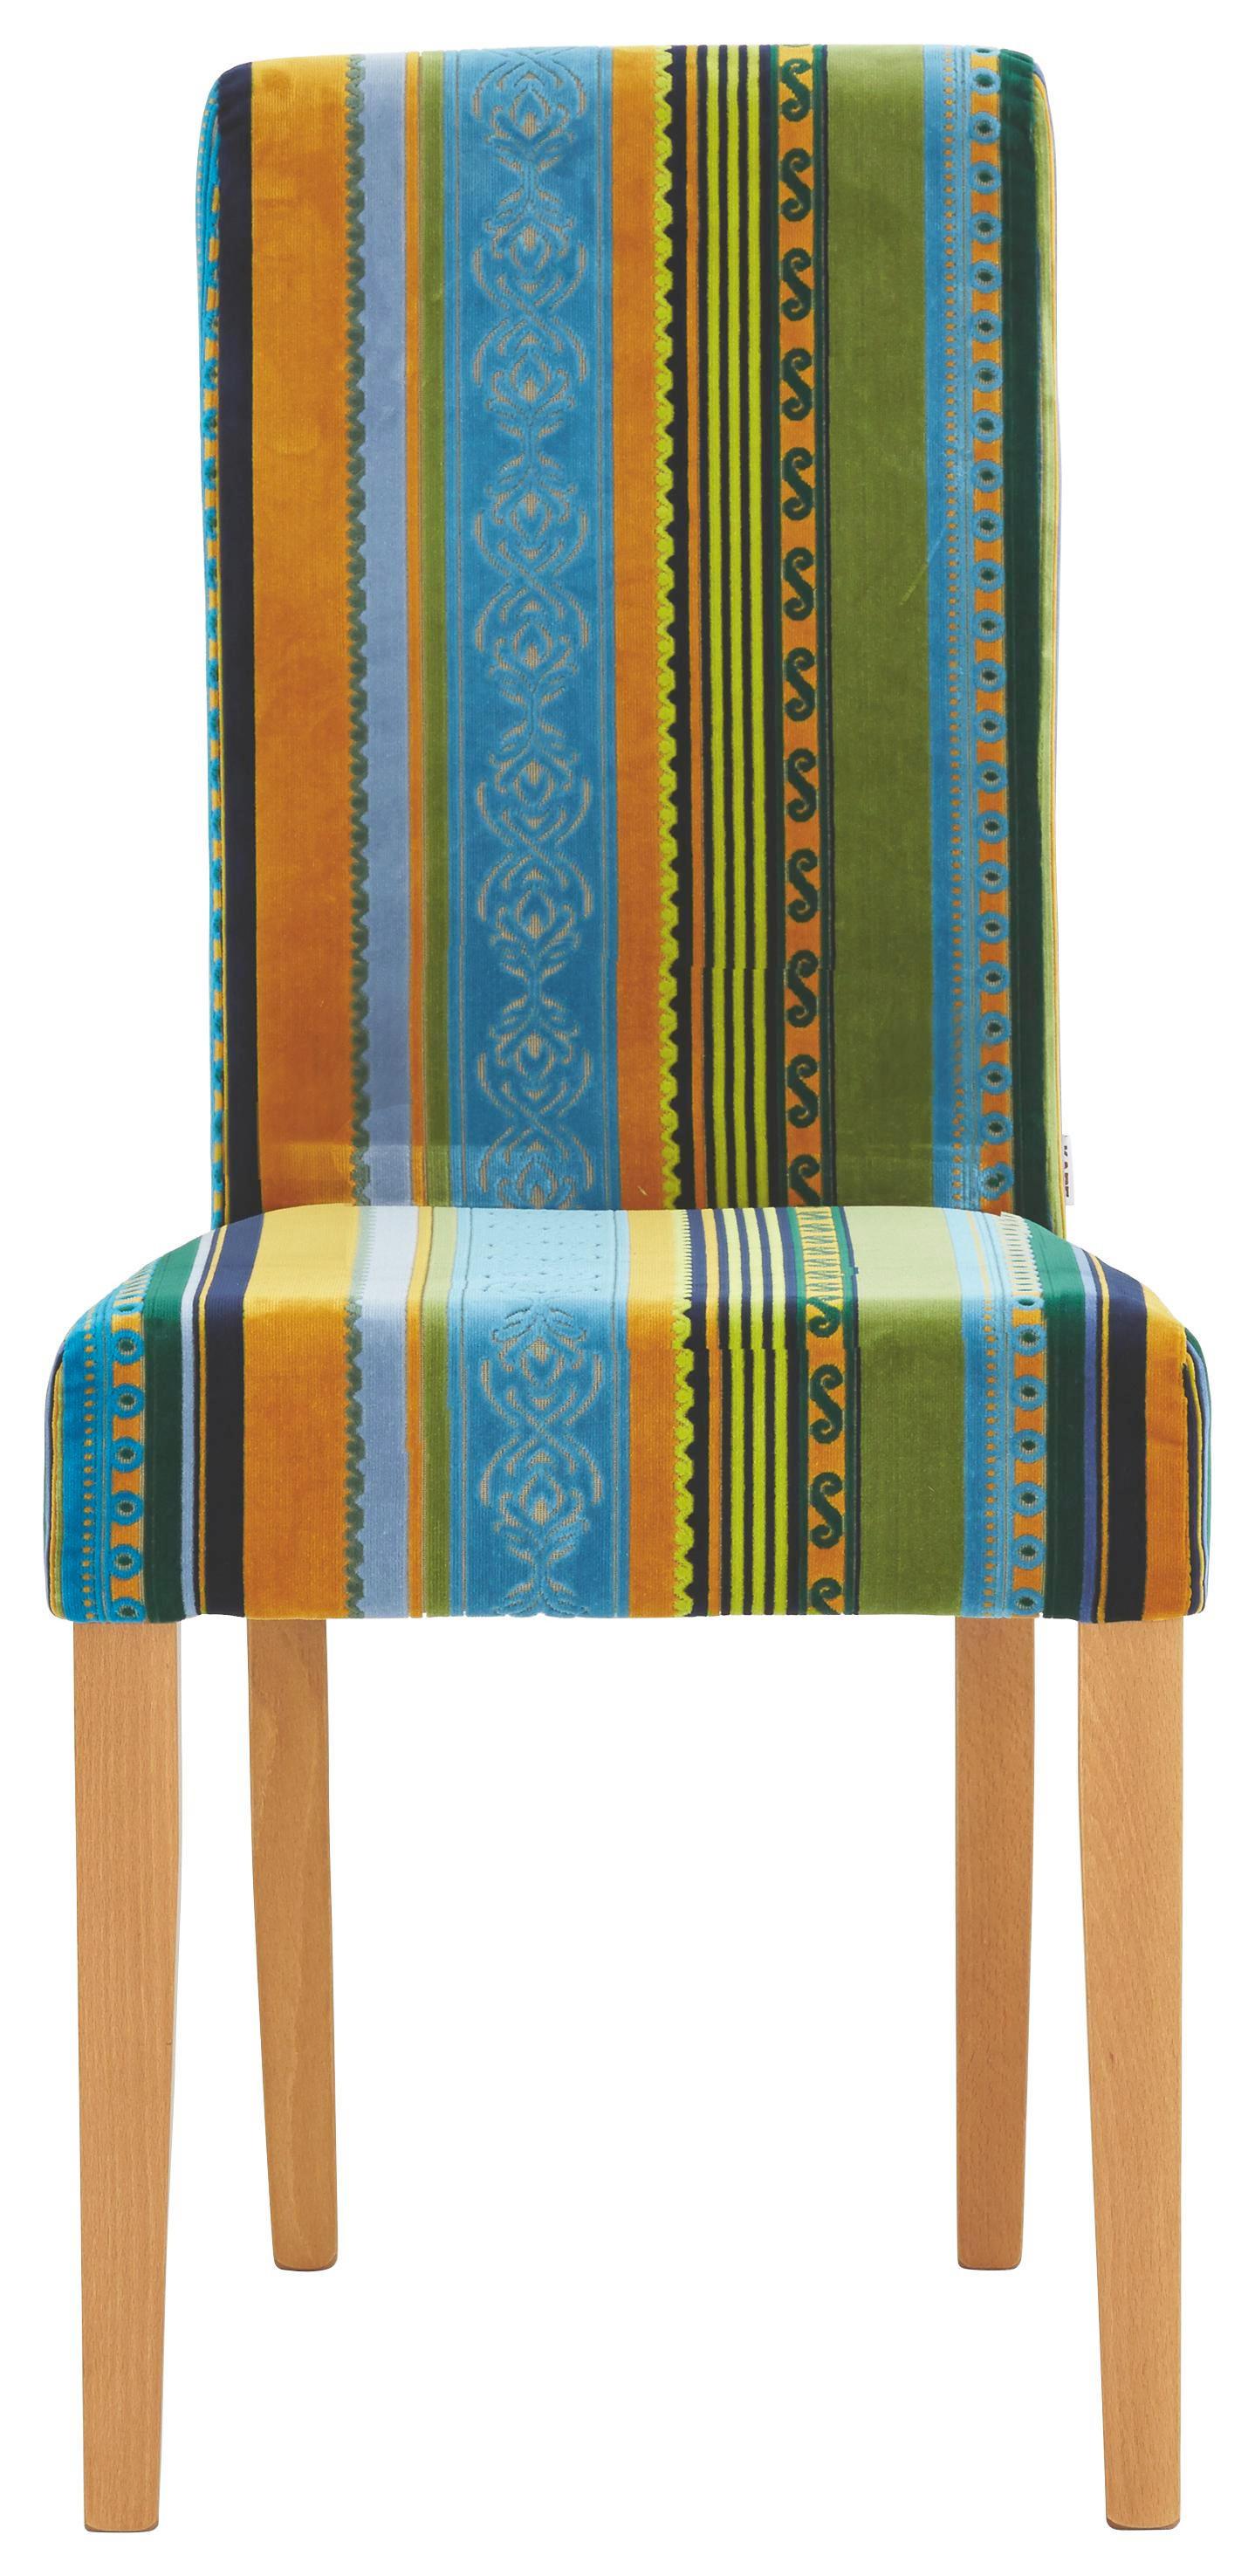 STUHL Multicolor - Multicolor, ROMANTIK / LANDHAUS, Holz/Textil (45/96/50cm) - KARE-Design